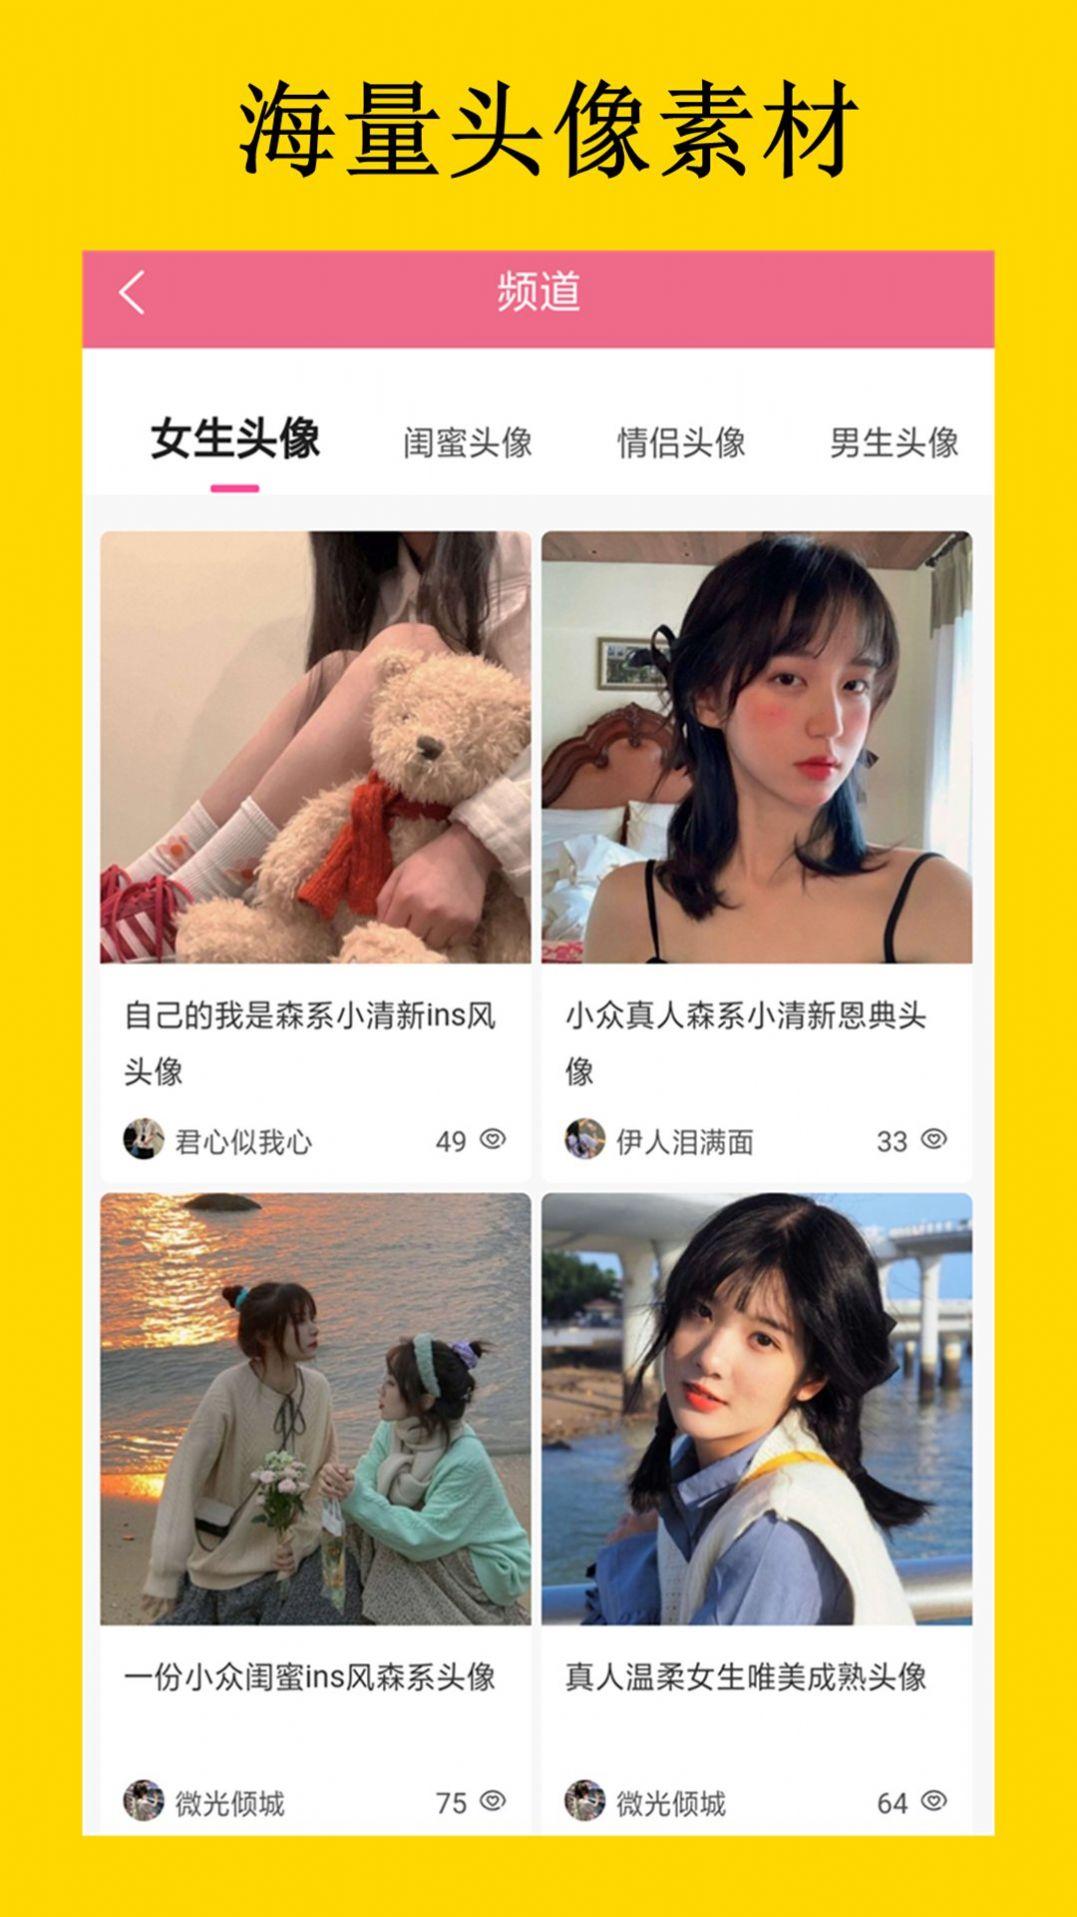 二次元荟APP安卓版图4: